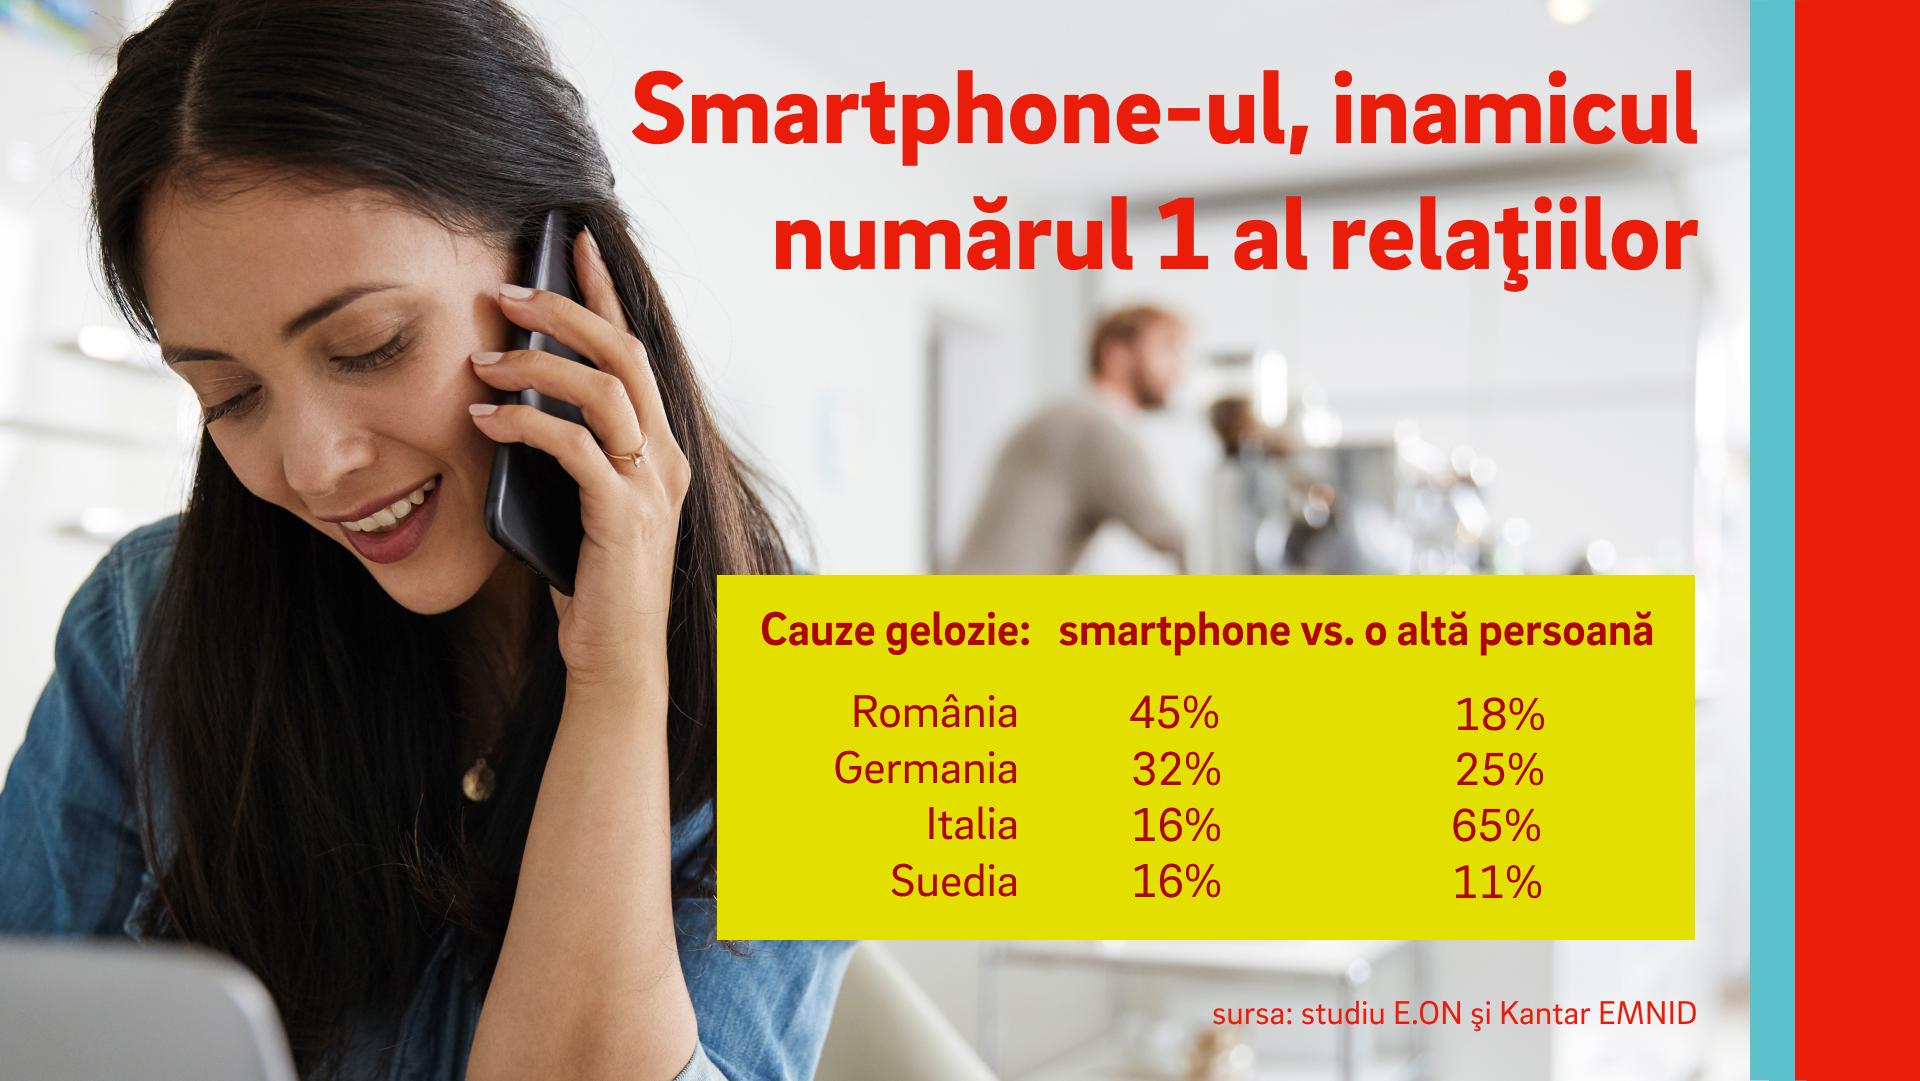 Smartphone-ul inamicul numarul 1 al relatiilor